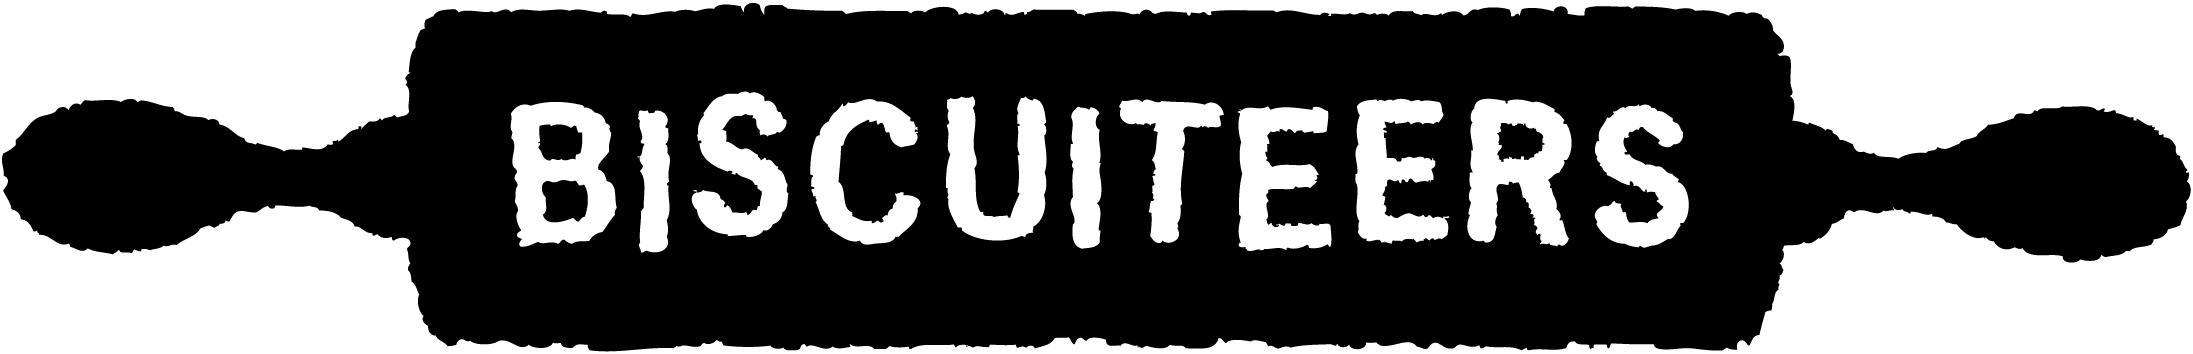 BS1448_Bicuiteers_logo_B